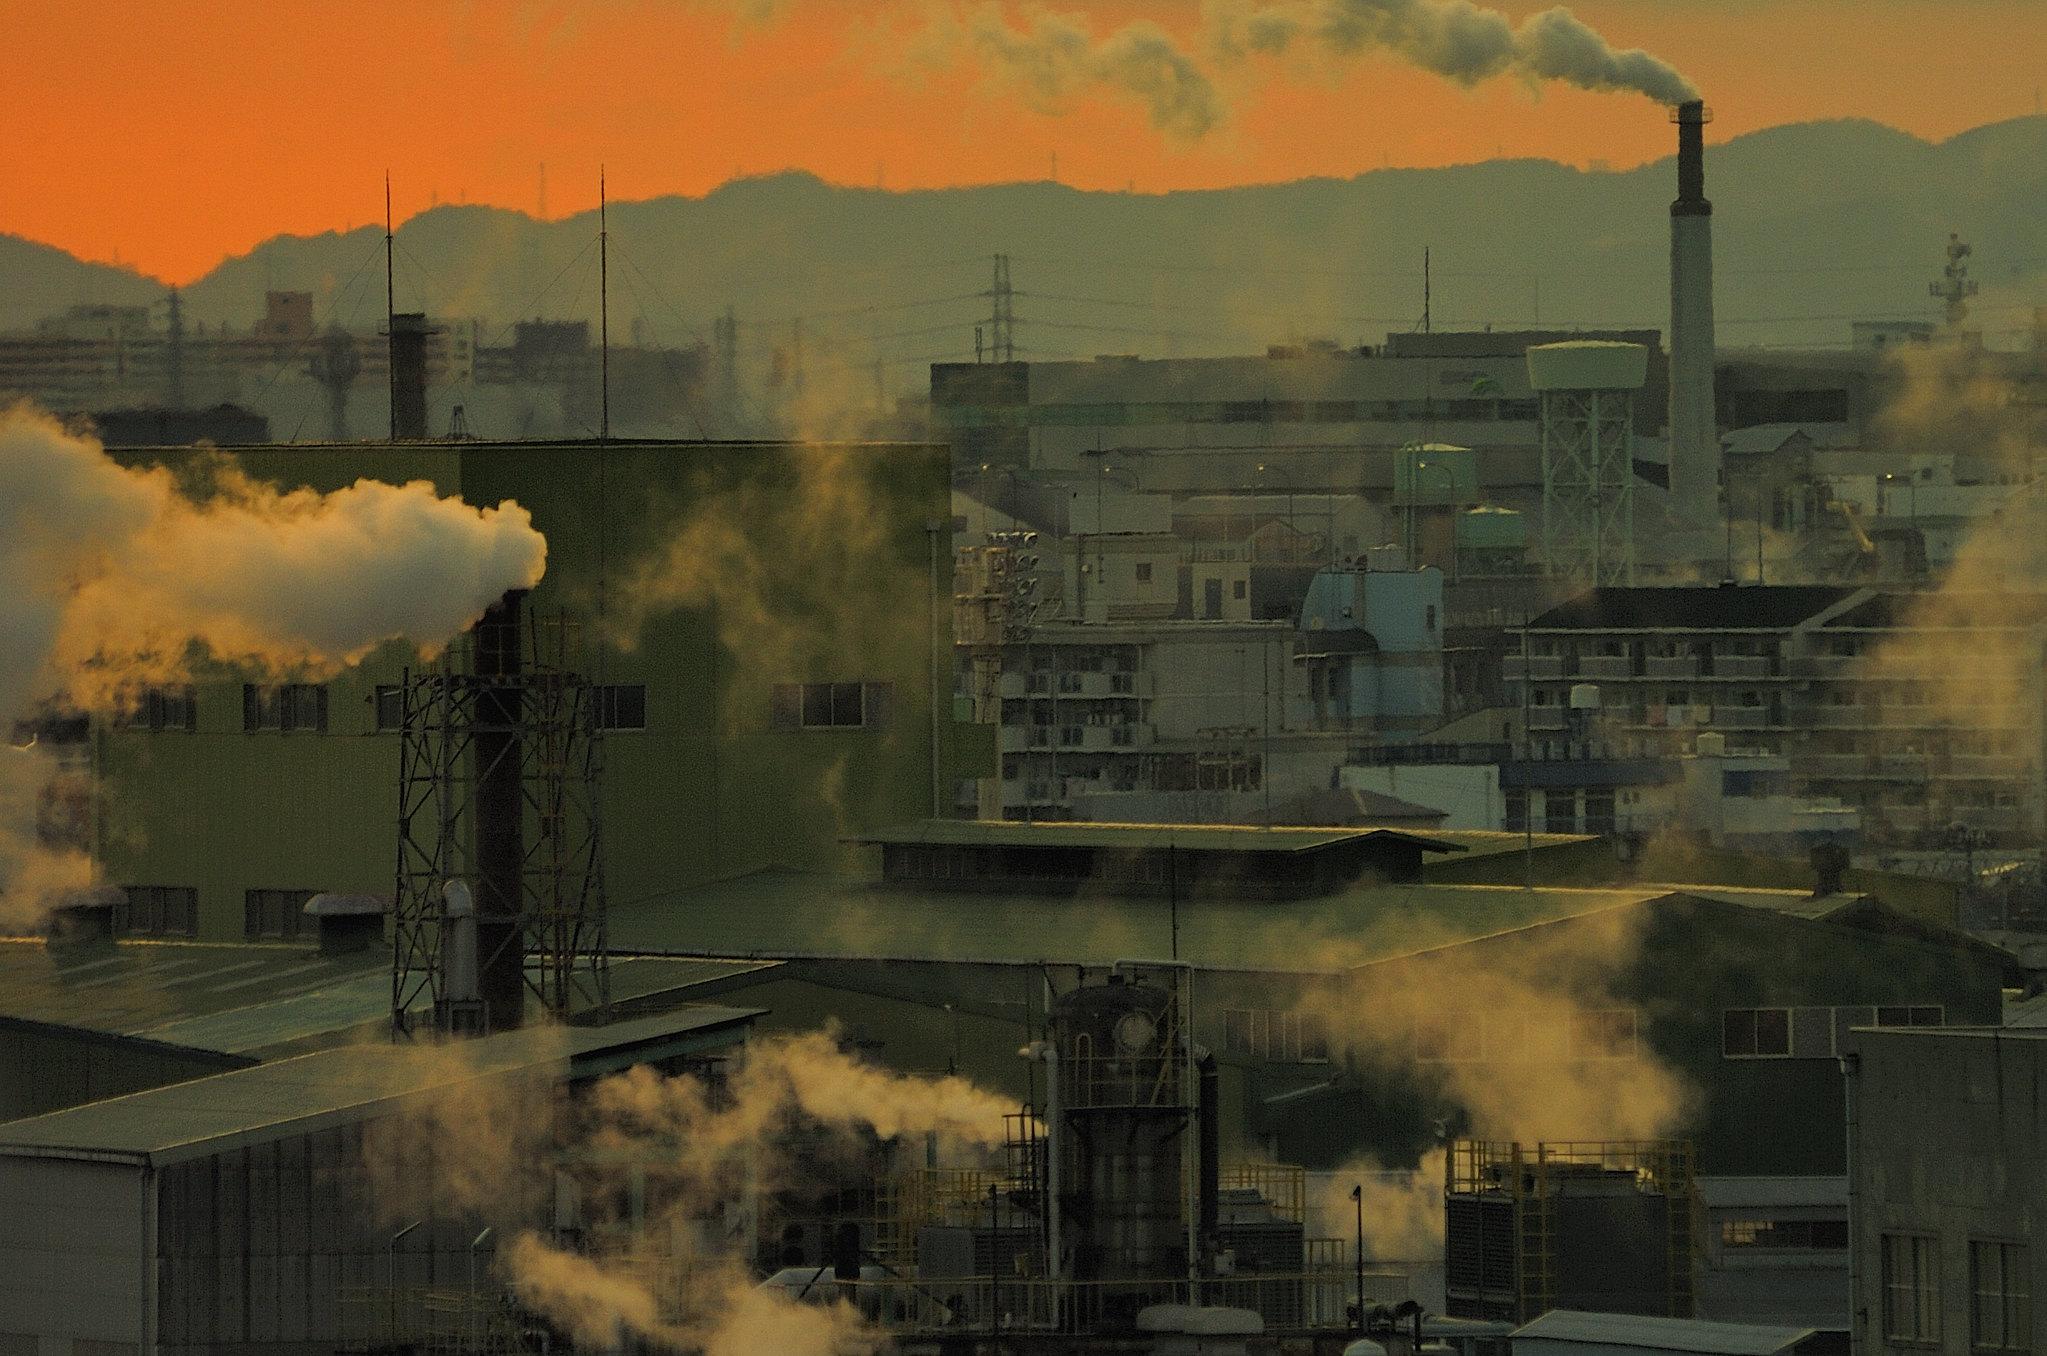 <p>Beberapa langkah darurat untuk mengatasi COVID-19 dan dampaknya terhadap masyarakat menimbulkan efek negatif terhadap iklim, termasuk peningkatan polusi udara. Kredit foto oleh Shinobu Sugiyama/Flickr.</p>